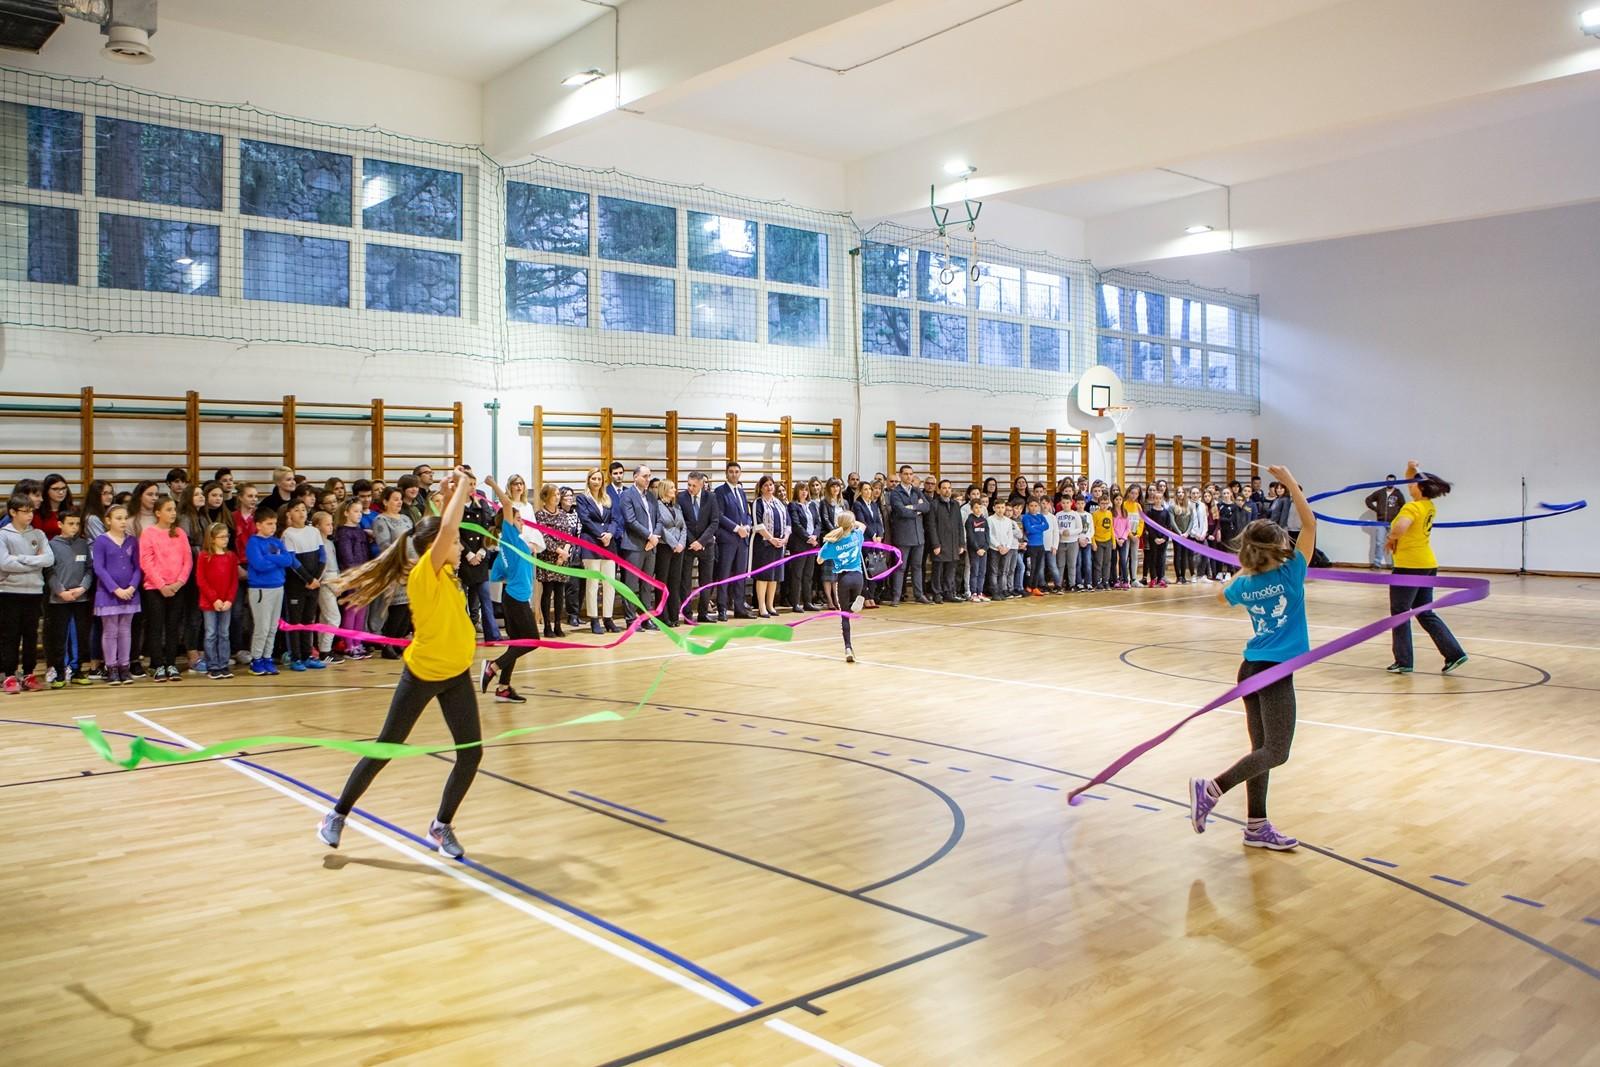 Nakon cjelovite obnove svečano otvorena sportska dvorana OŠ Lapad